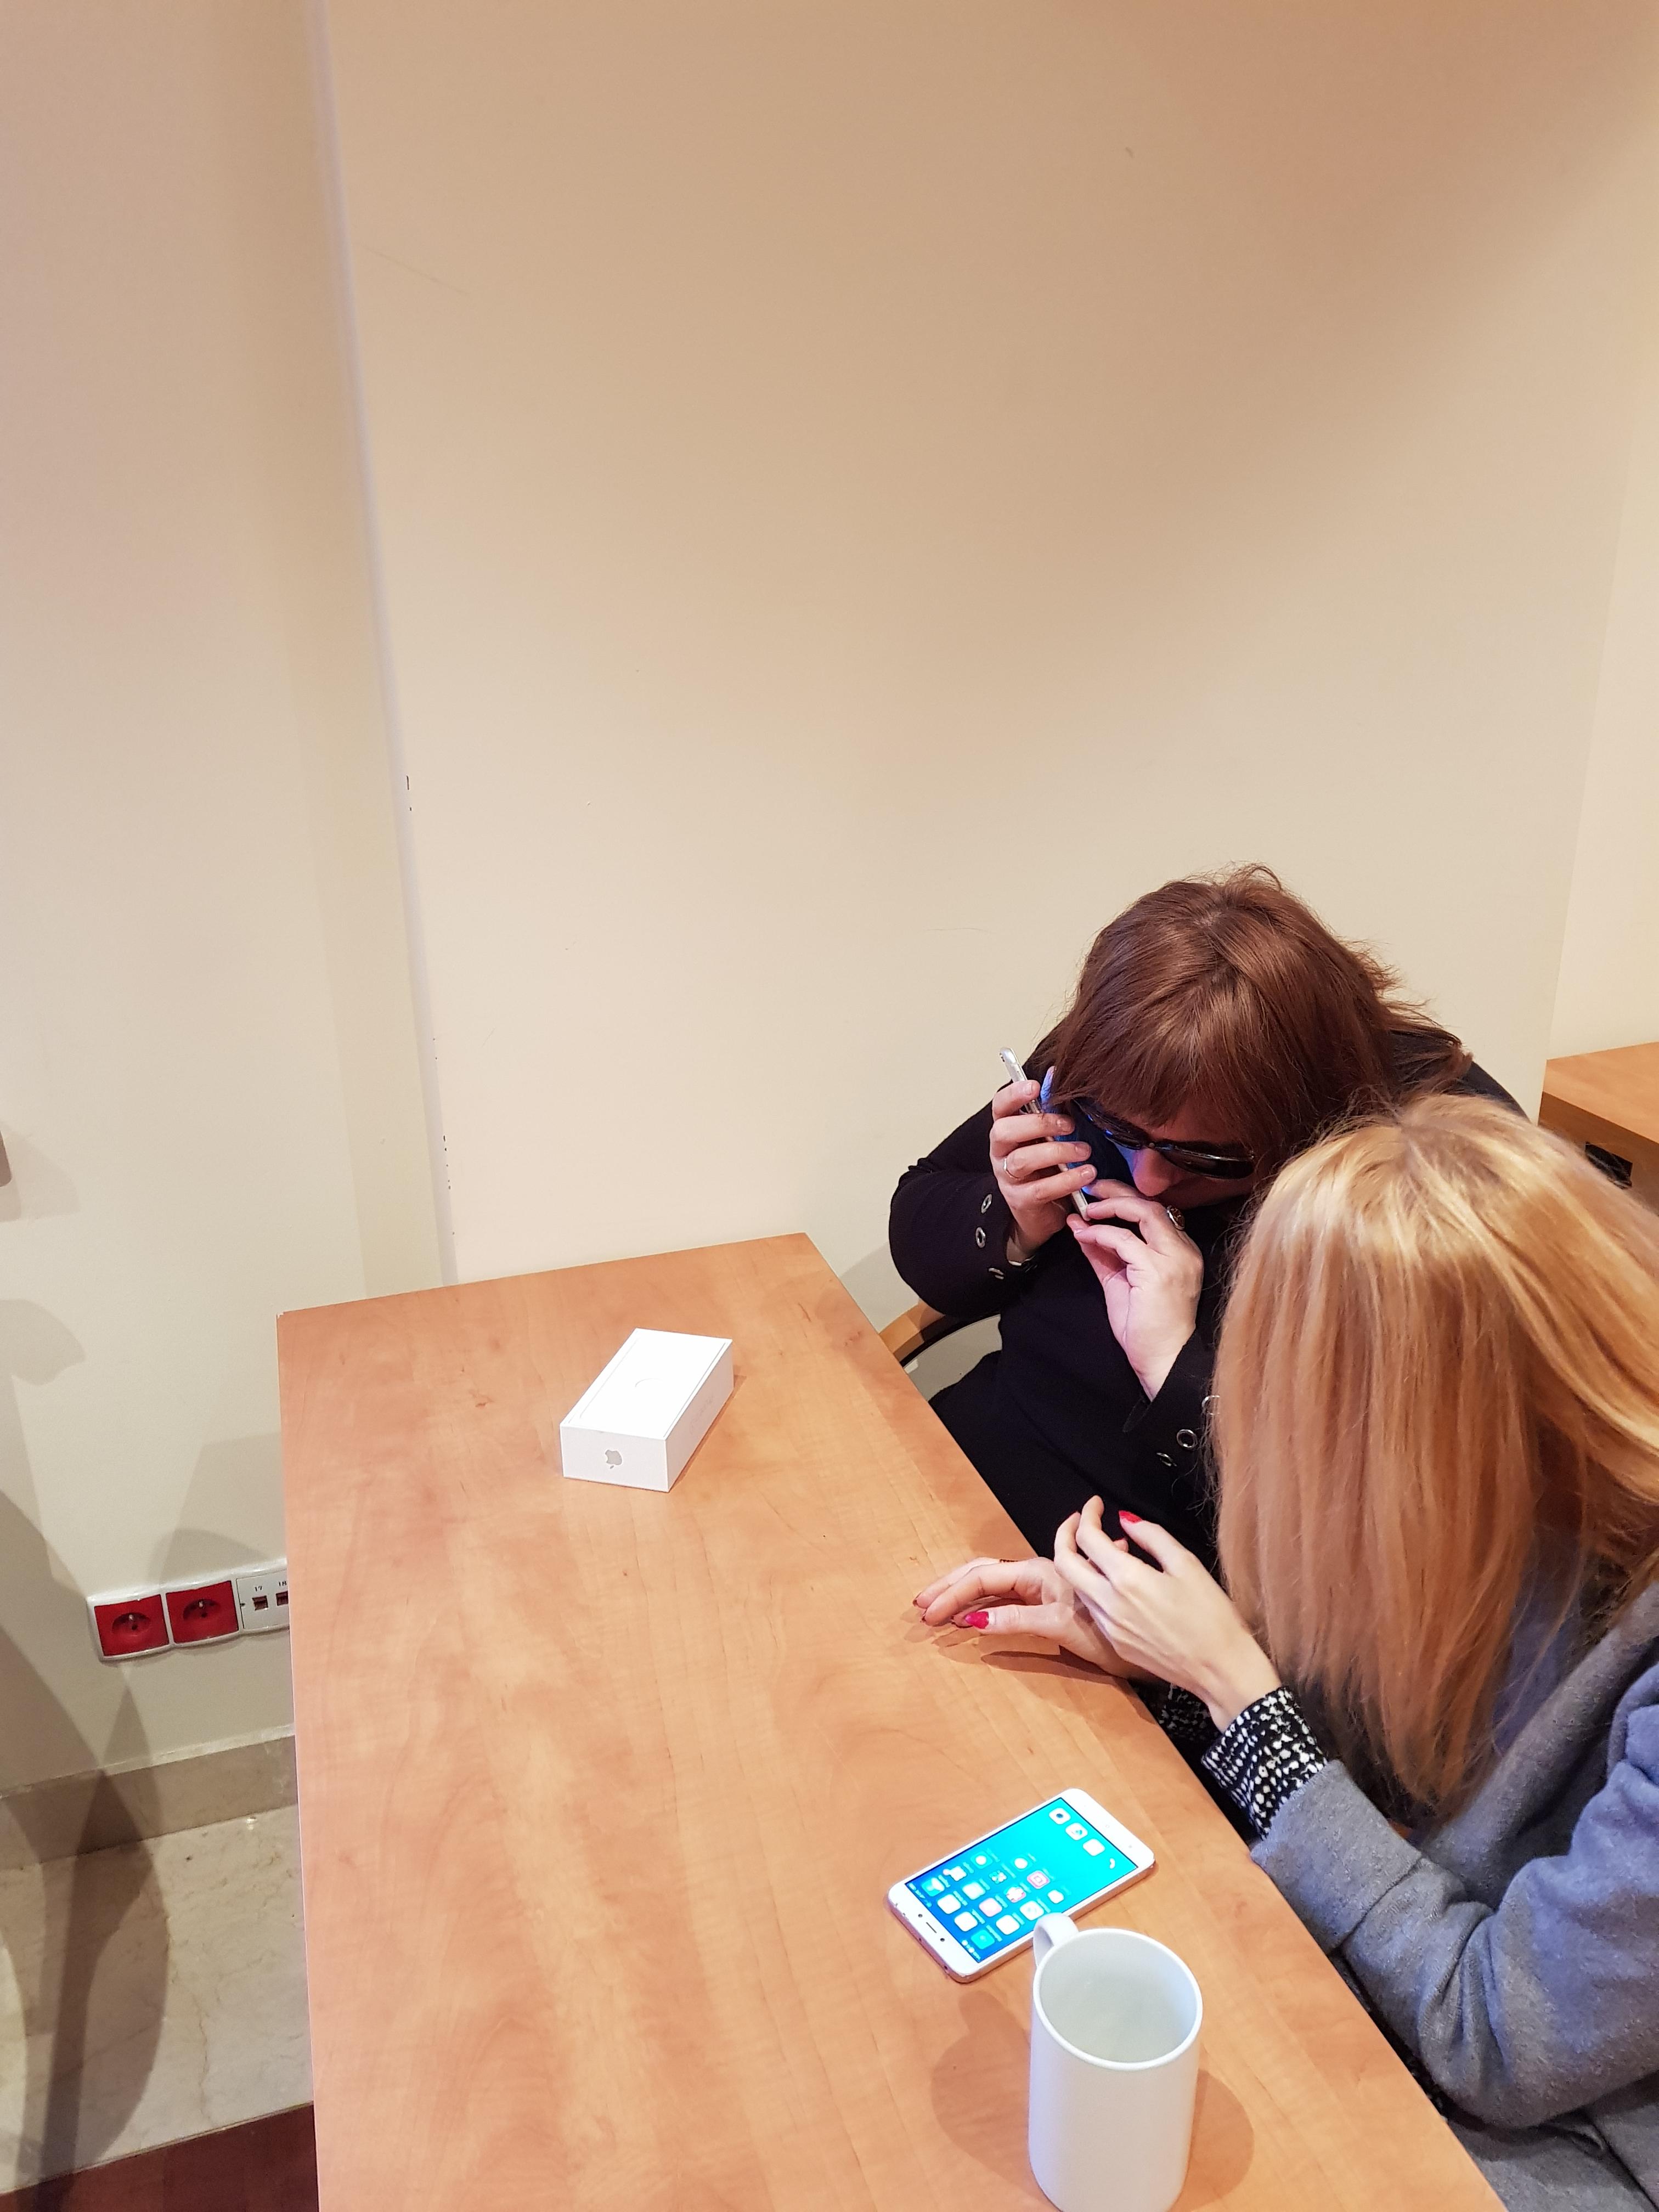 Niewidoma uczestniczka, szatynka ubrana w czarną bluzkę, siedząca przy stole testuje możliwości iPhone'a, obok zwrócona w jej kierunku druga uczestniczka w długich, prostych blond włosach